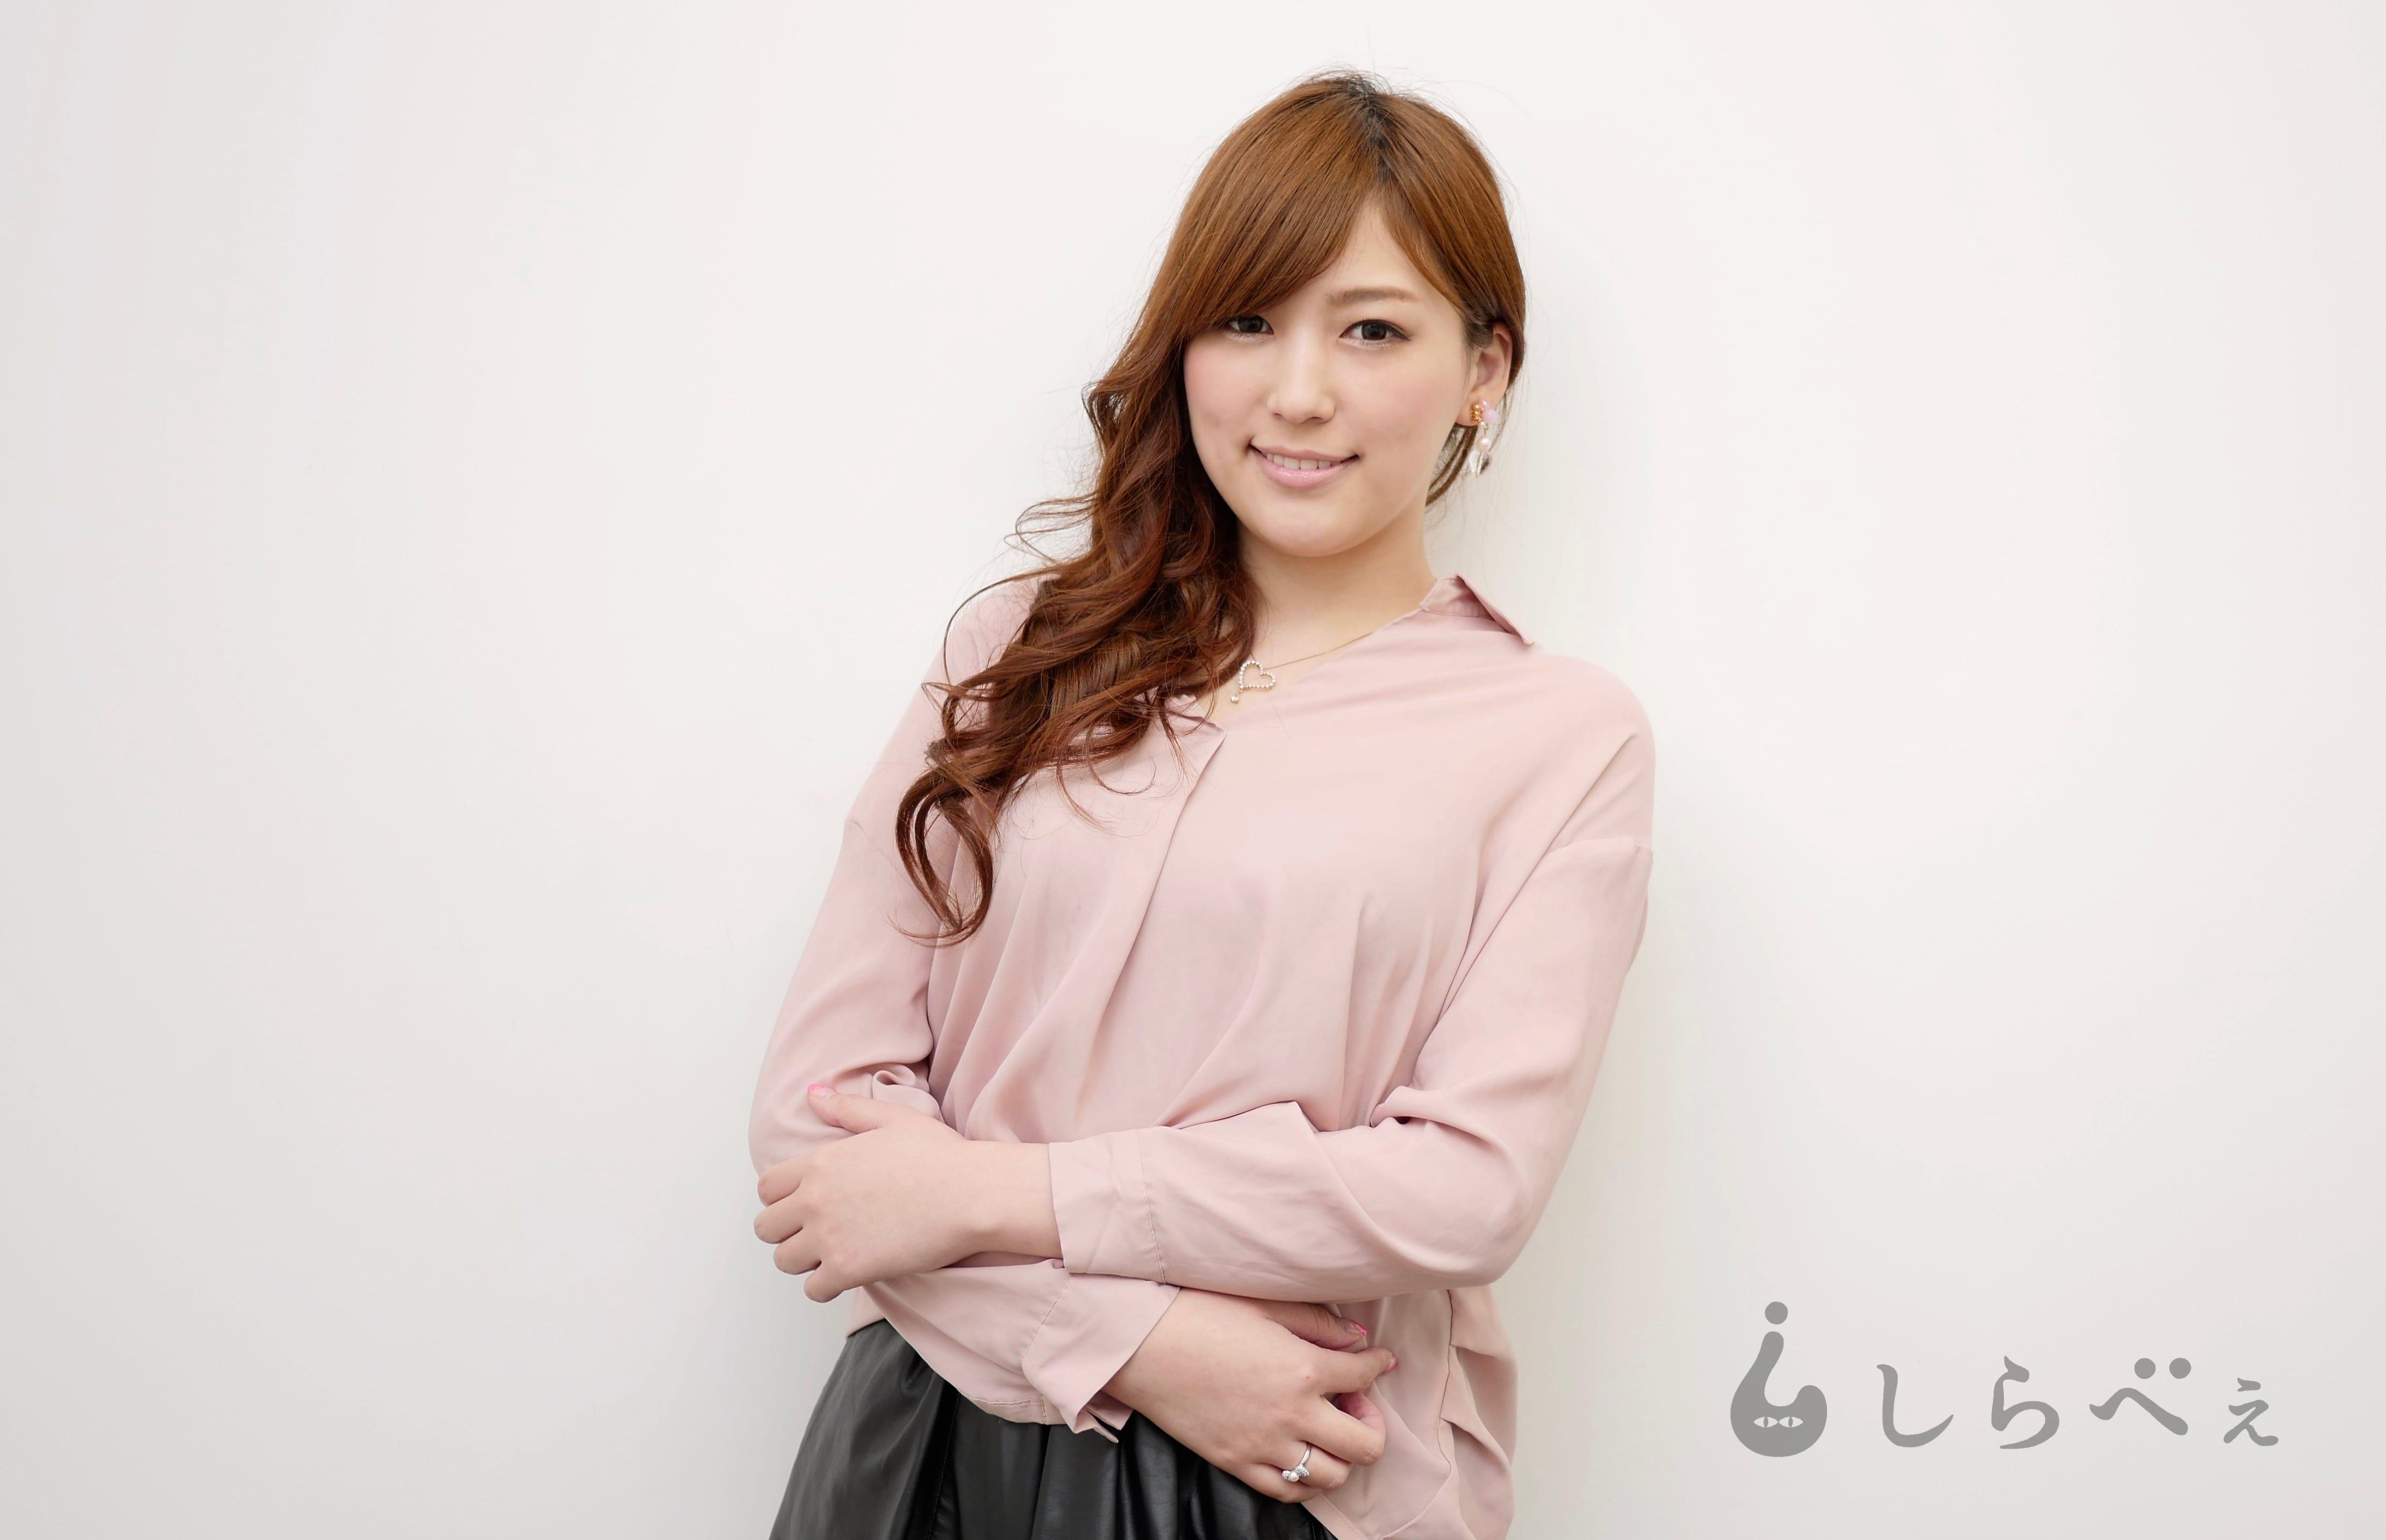 モー娘。も受けたセクシー女優・愛音まりあ 新人賞にかける意気込みは… - 愛音まりあ